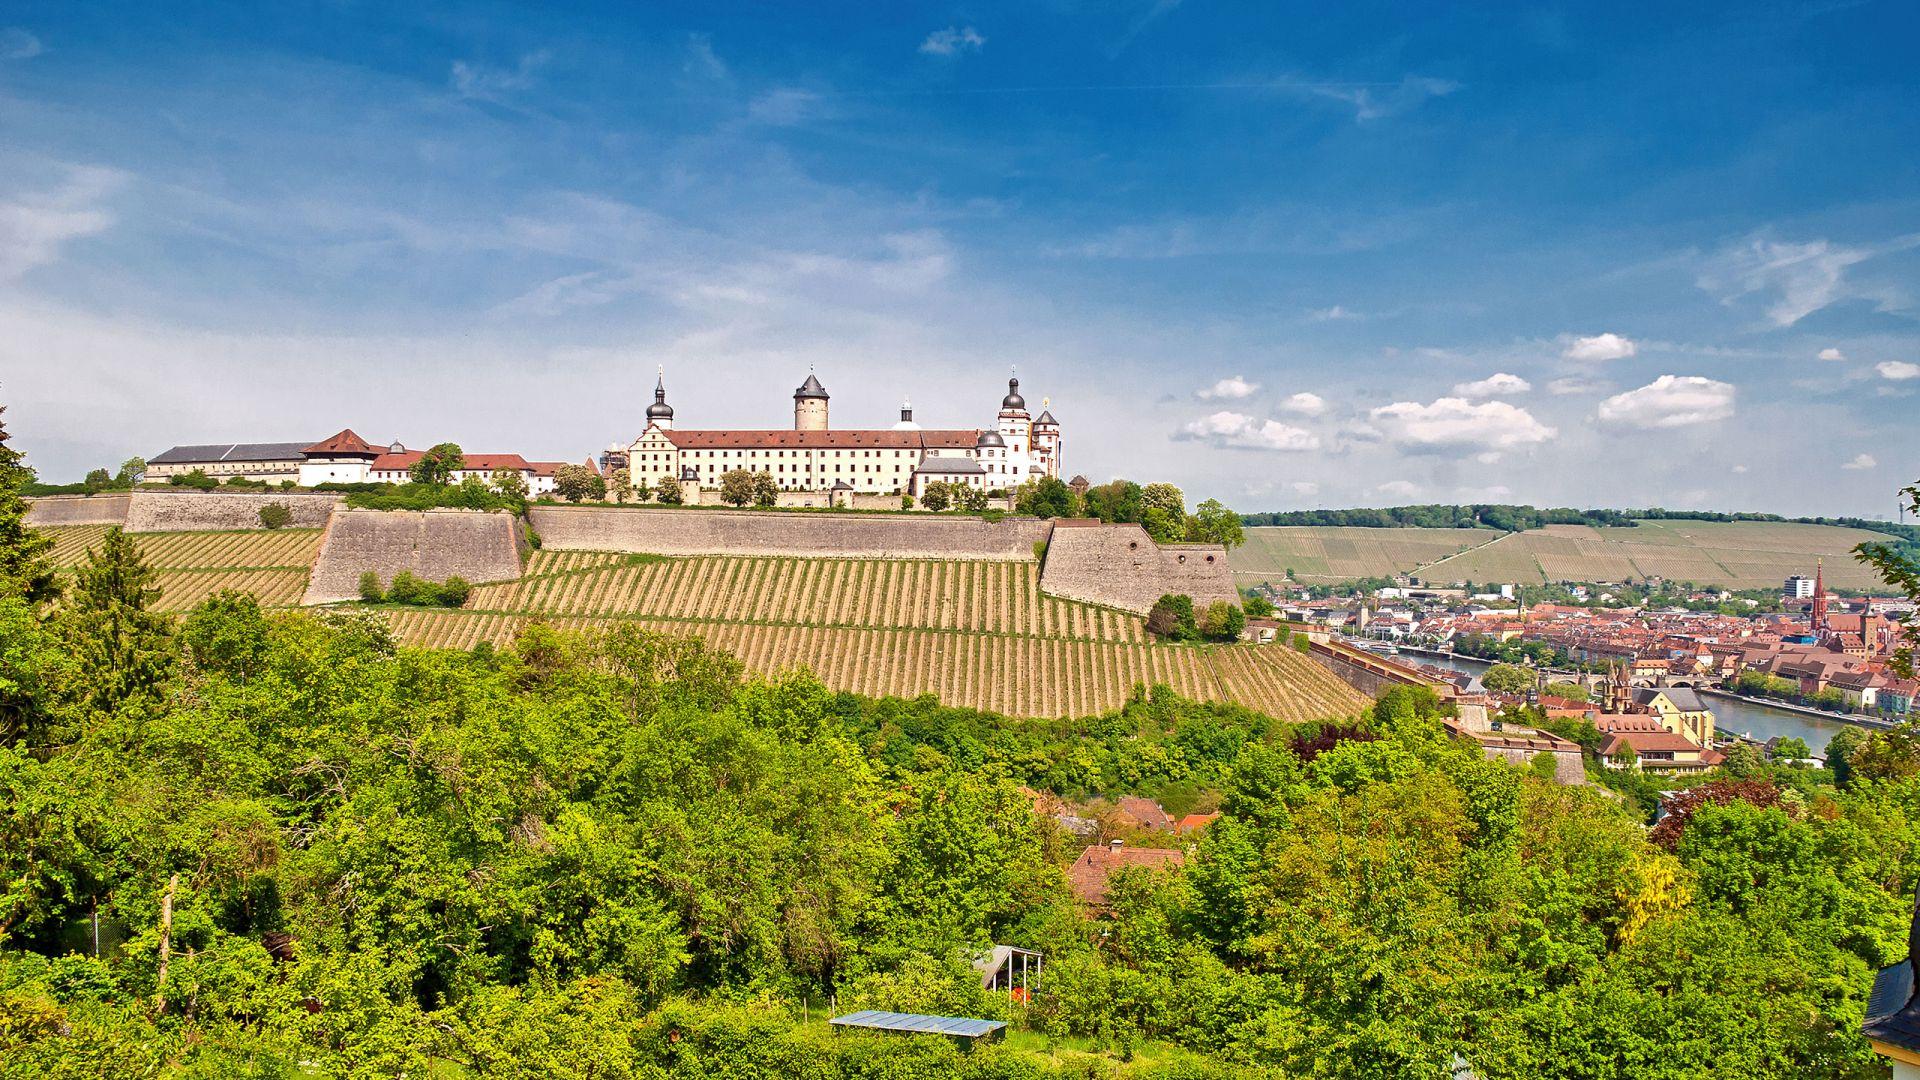 landschafte frankenland idee